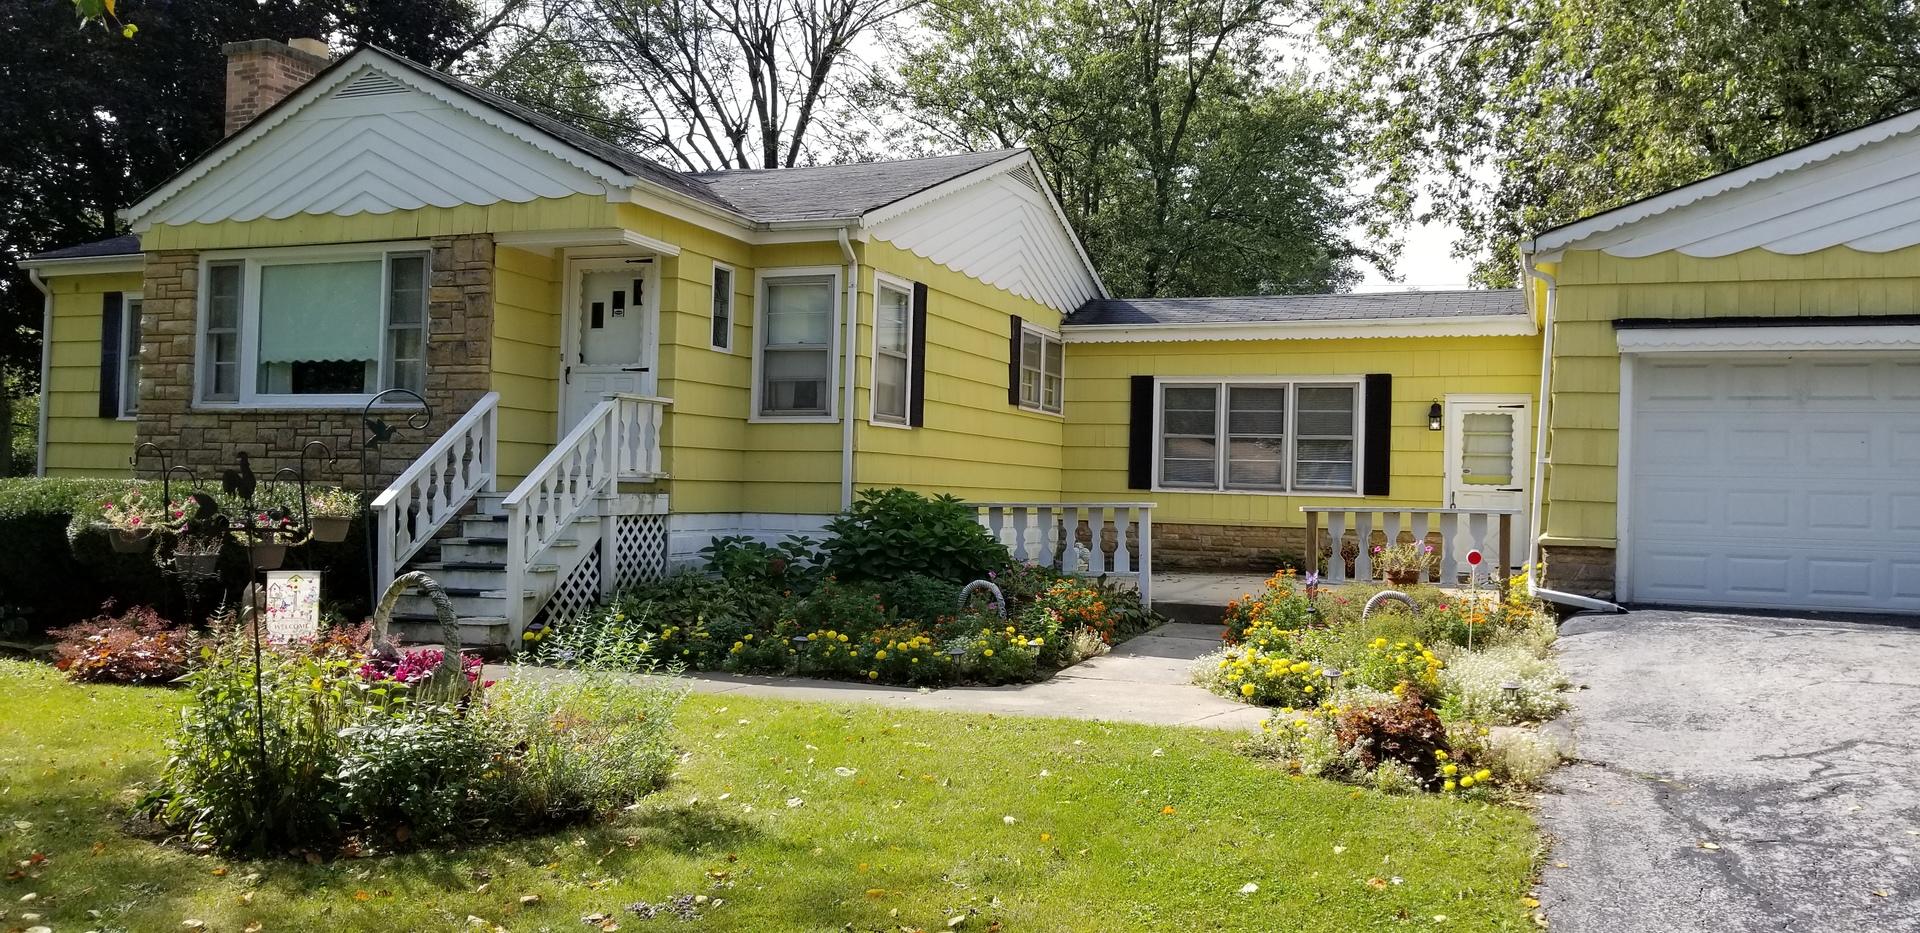 19152 South St Lawrence, GLENWOOD, Illinois, 60425